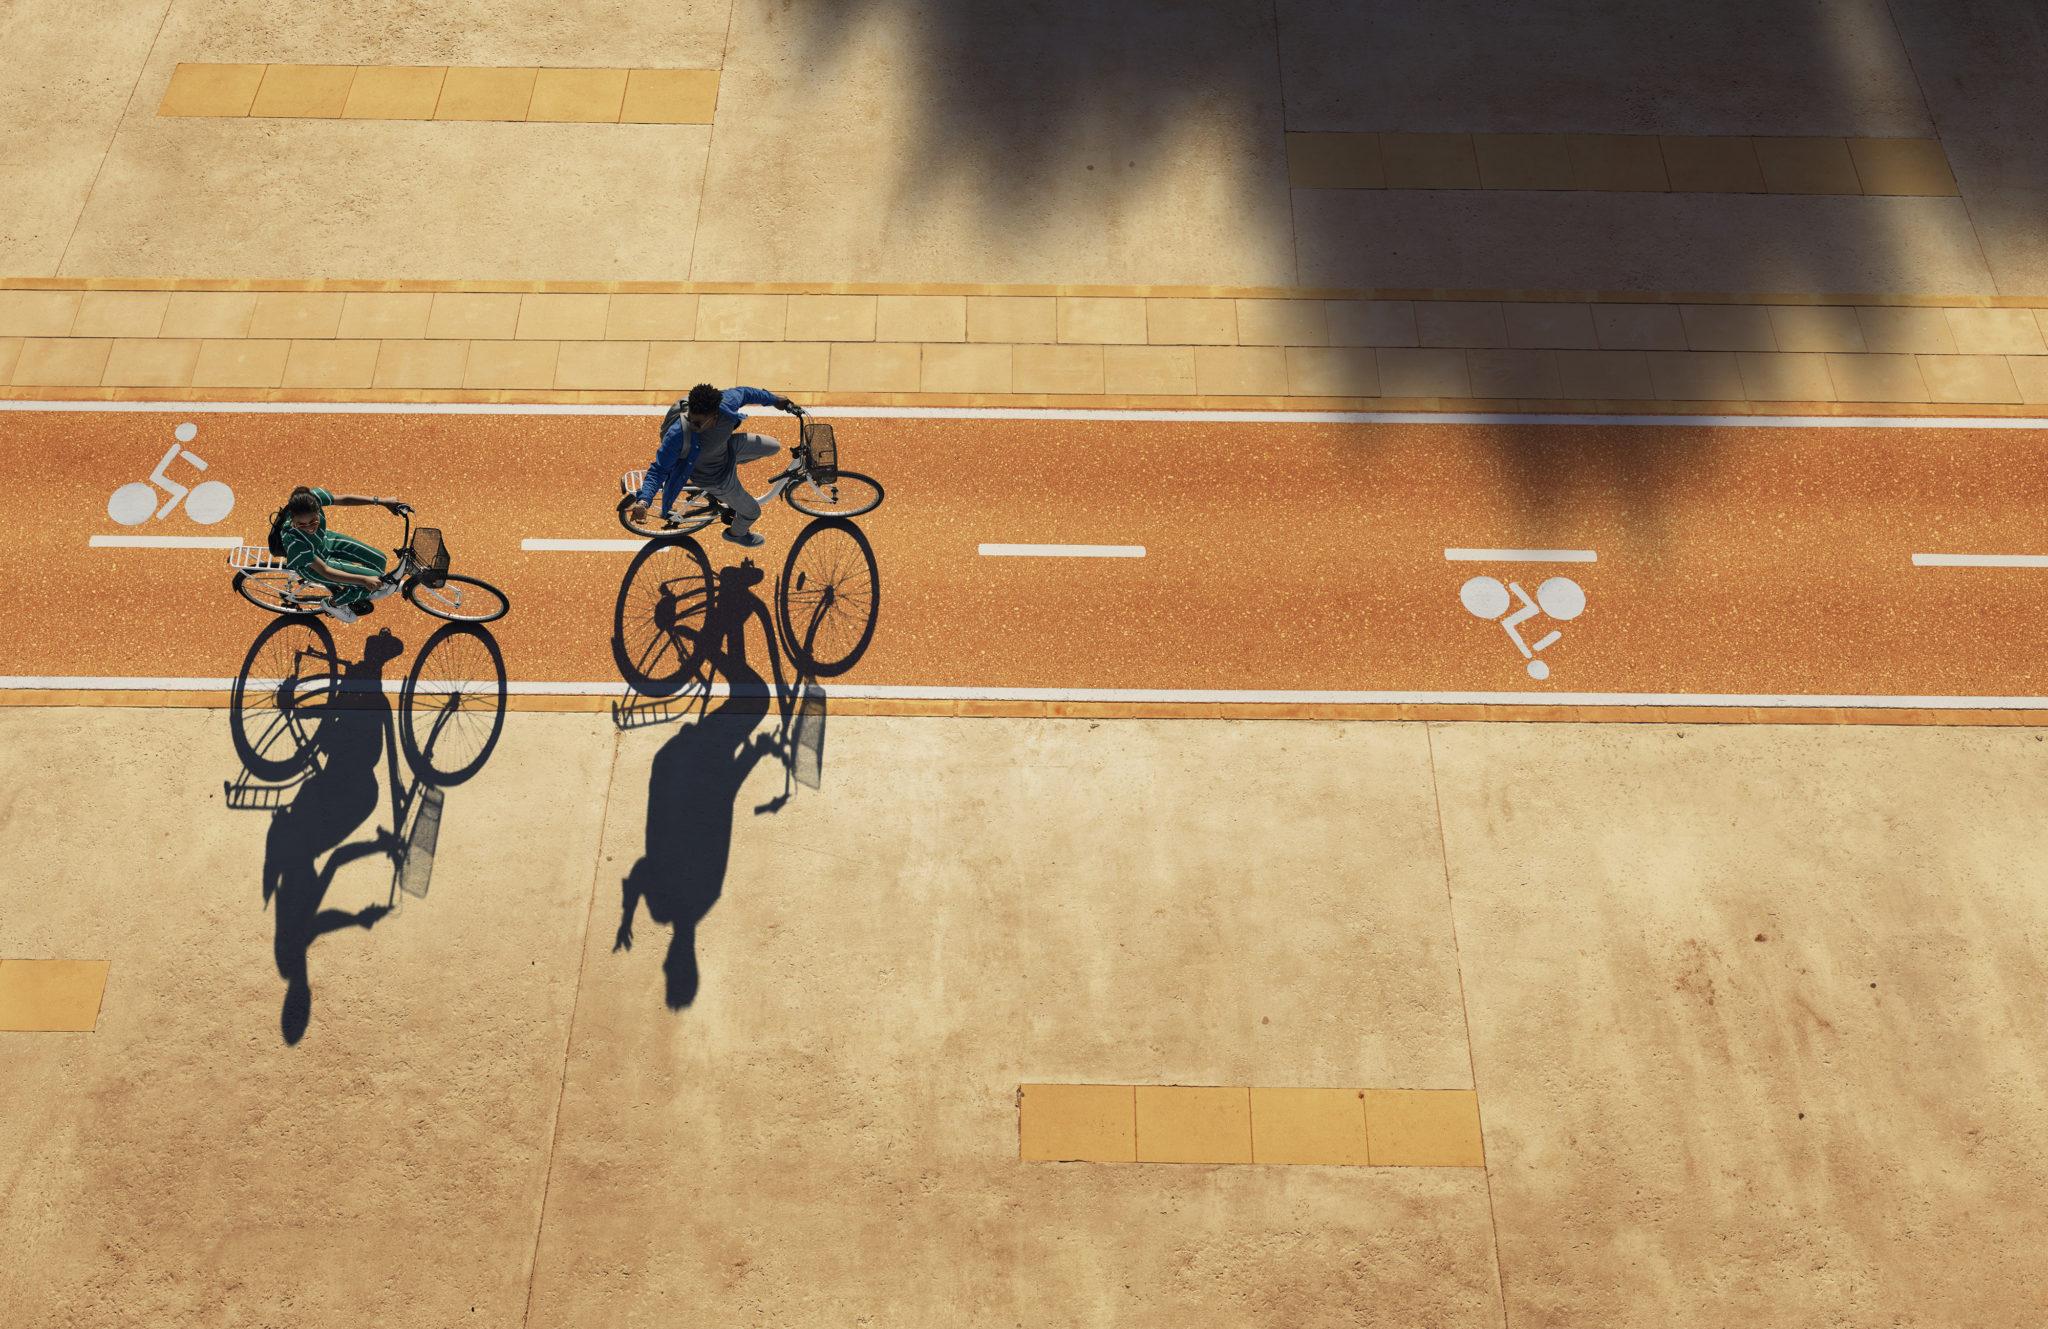 7678_Easyjet_Summer_Bikes_48s_R1